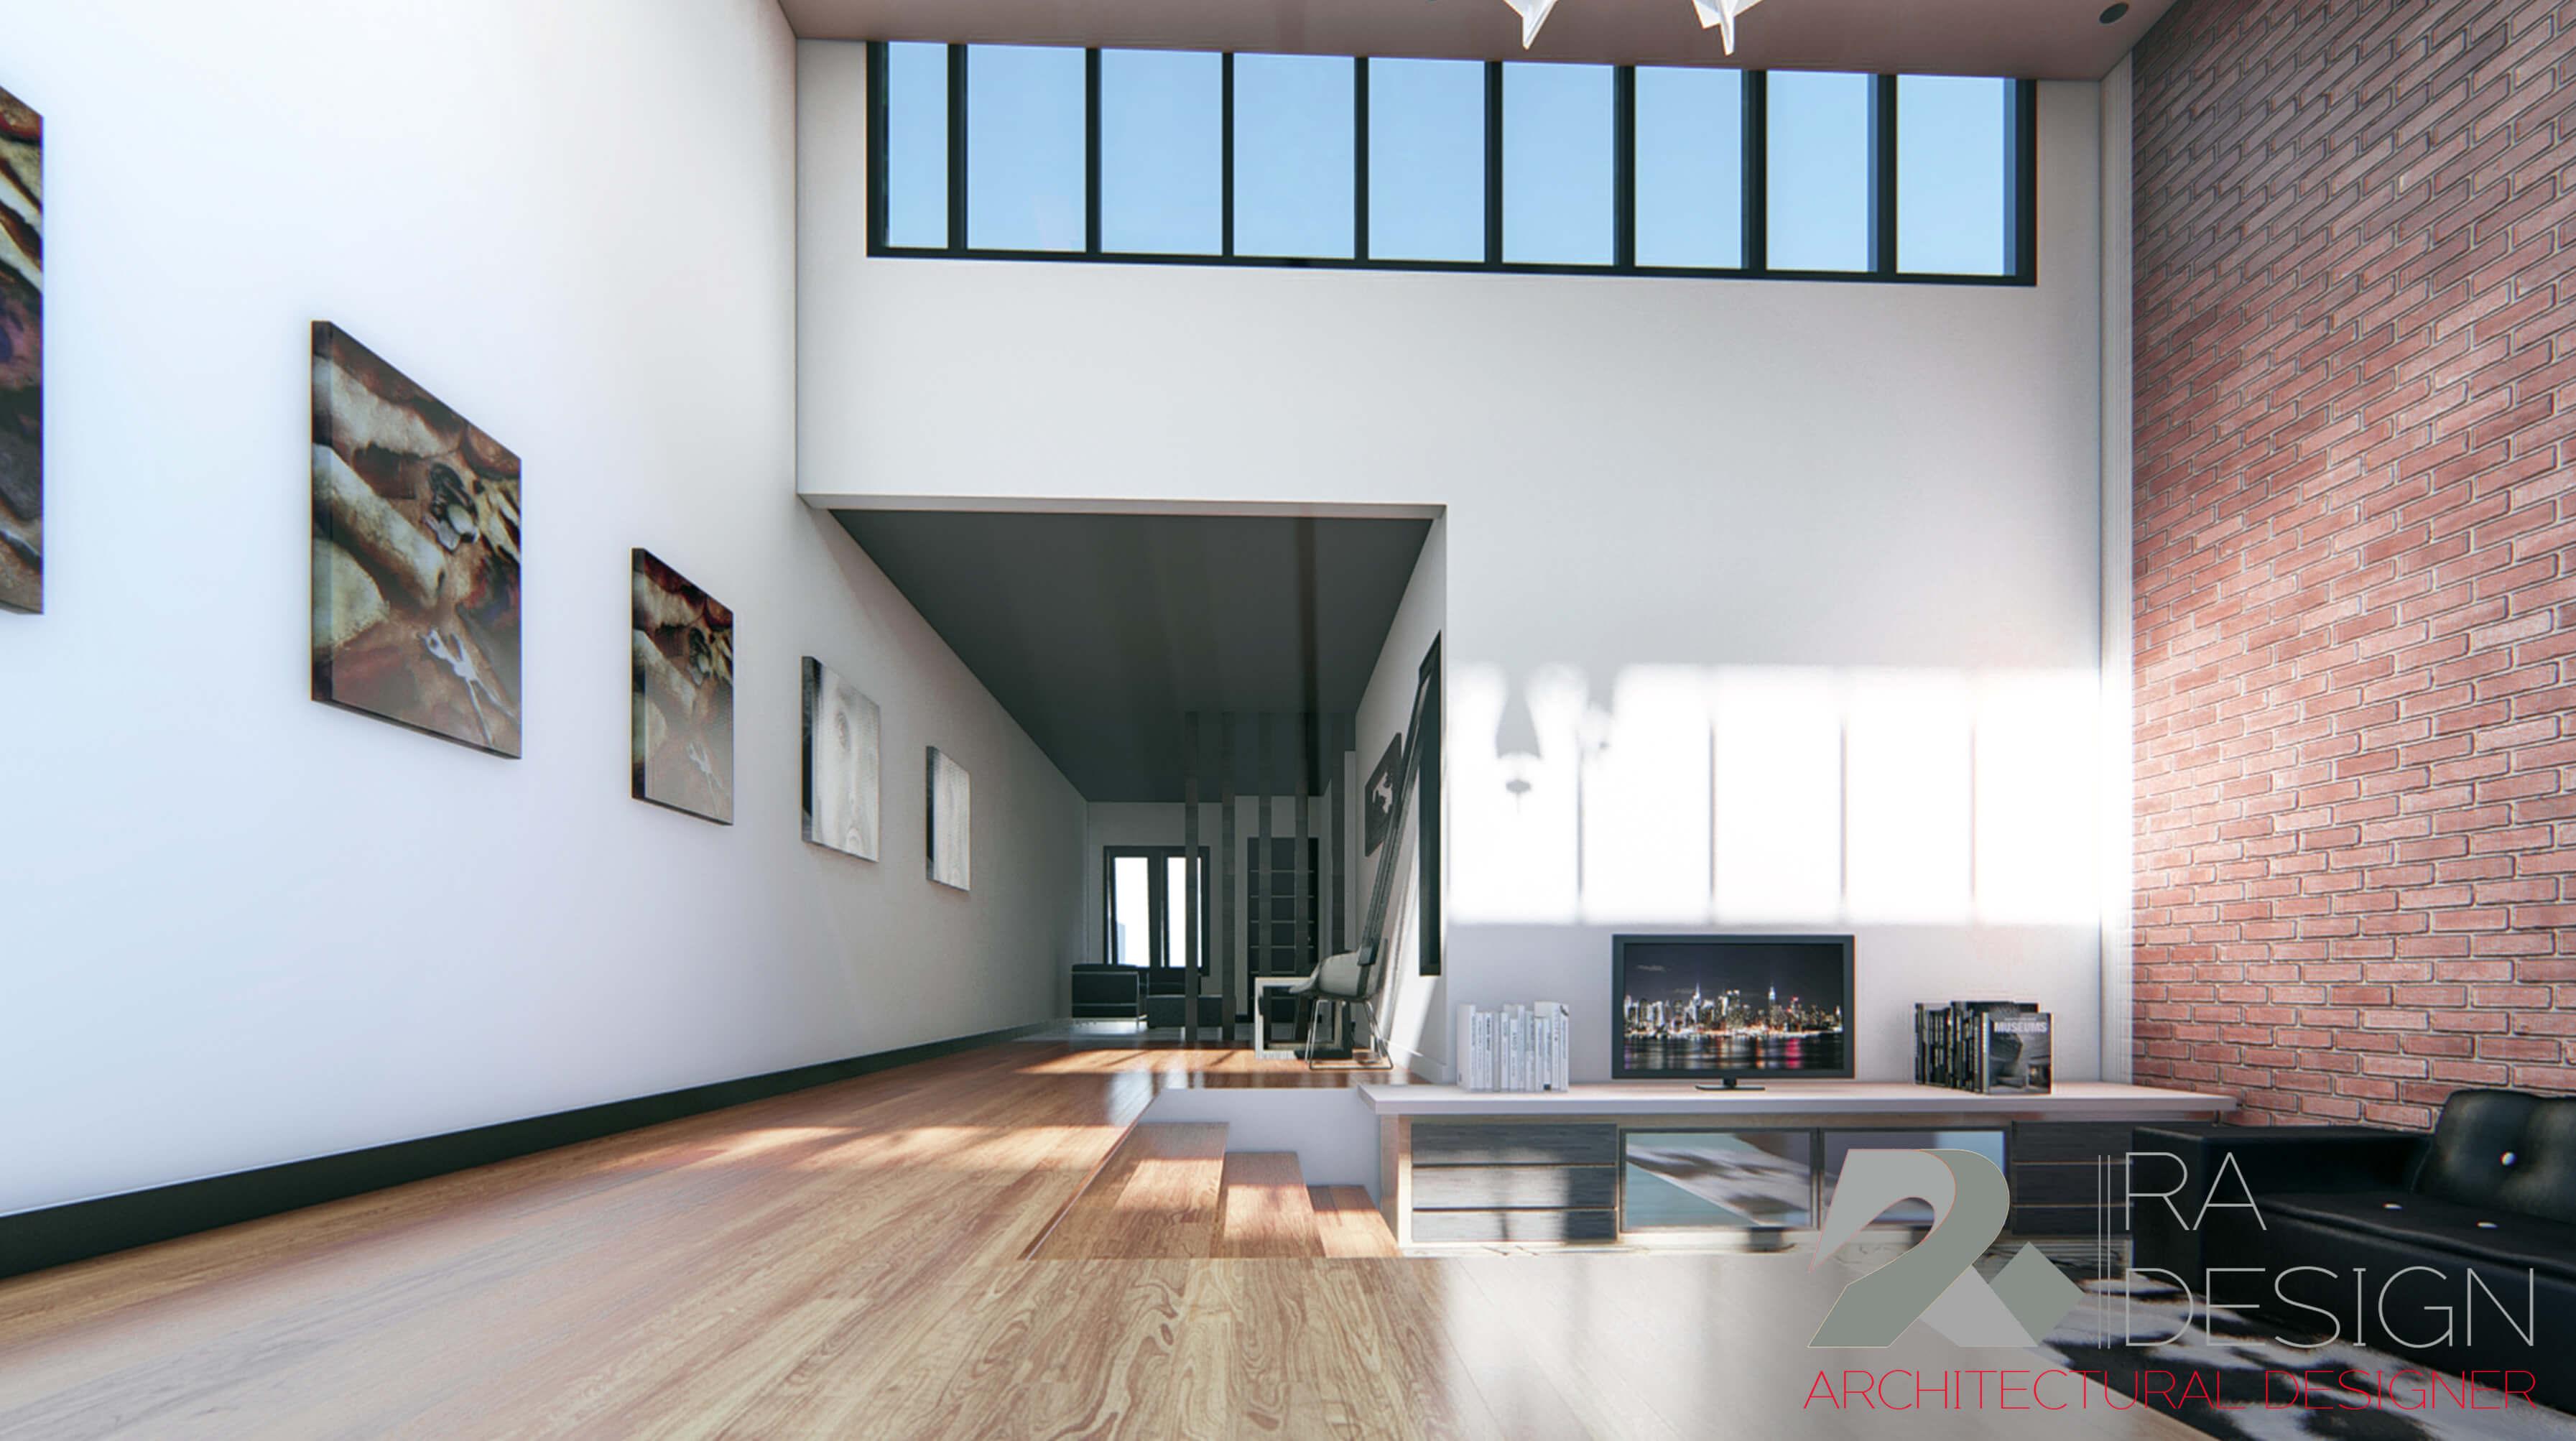 Studio gambar rumah tinggal profesional cibinong bogor